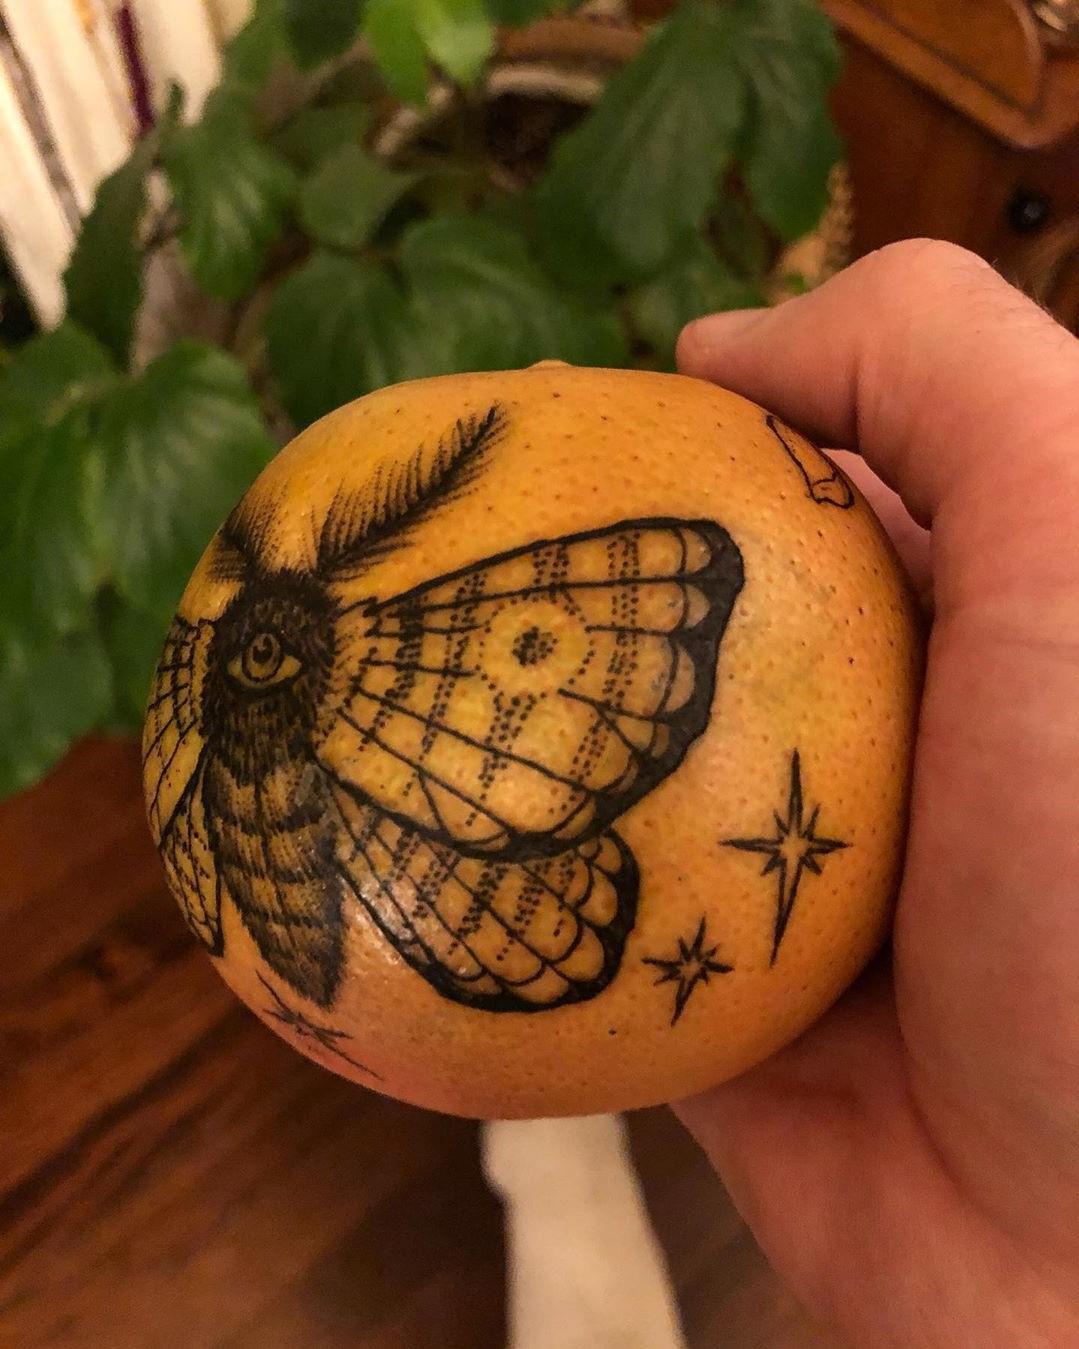 رقم 4    هل تحبير البرتقال اتجاه جديد لفن الوشم؟     التوت الدماغ